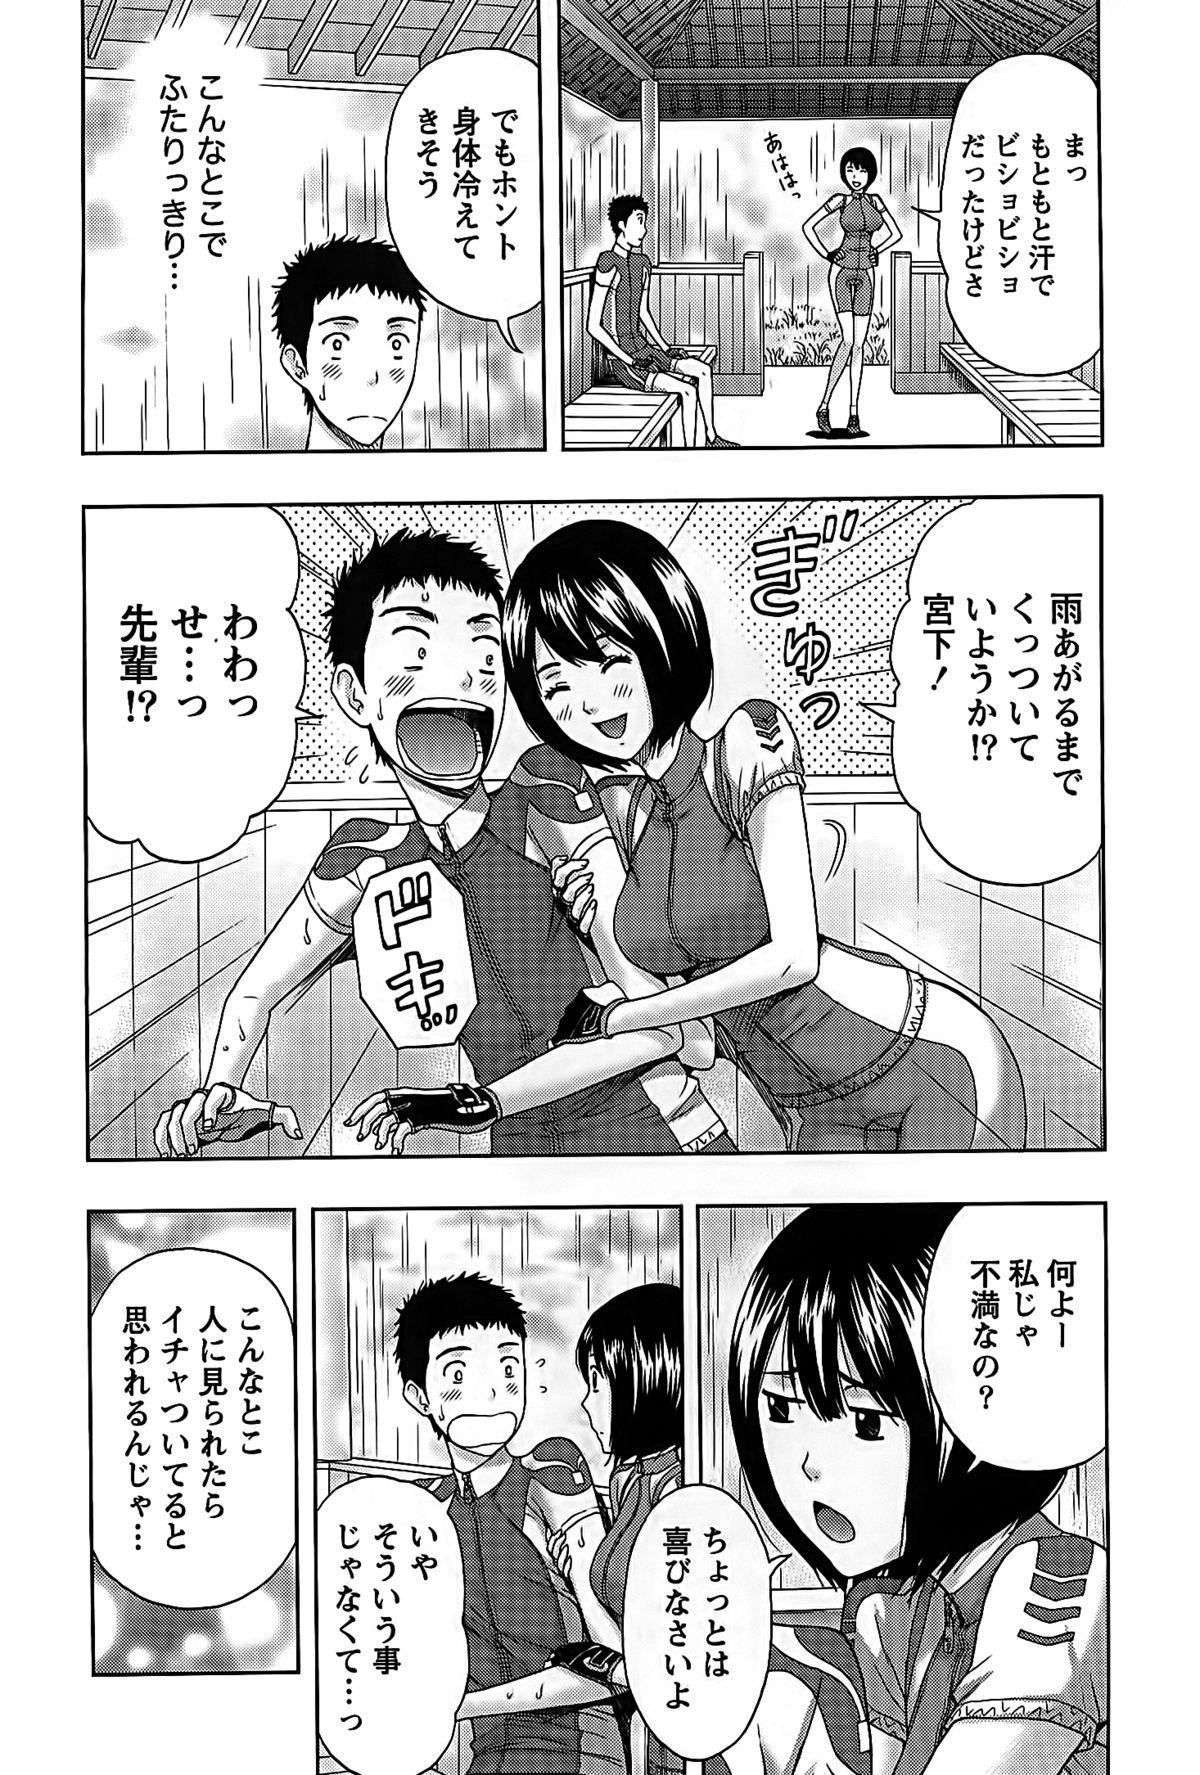 Shittori Lady to Amai Mitsu 11